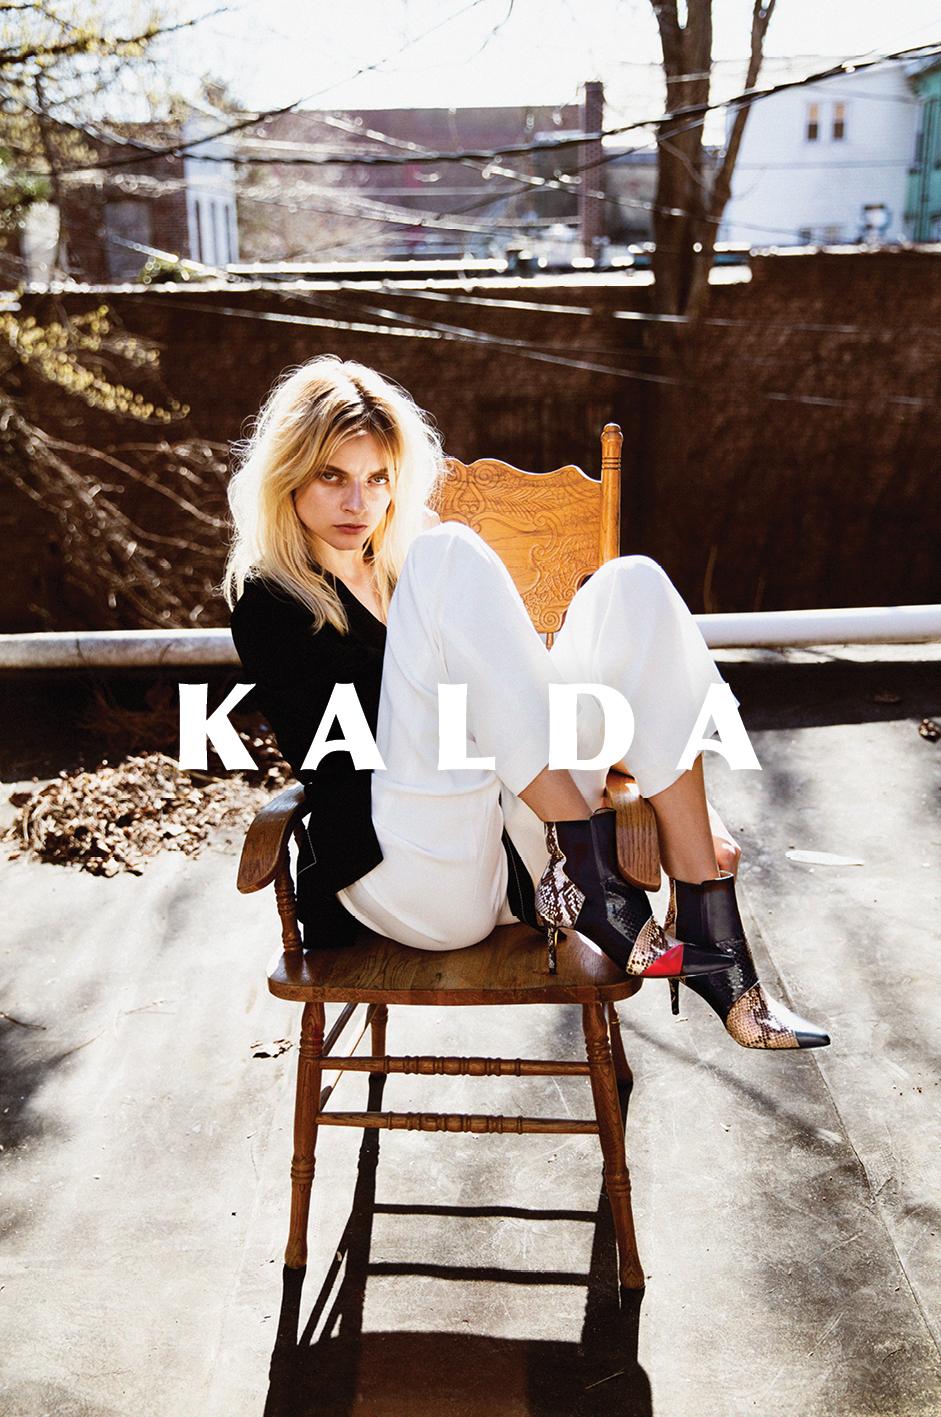 Kalda+social+media43.jpg